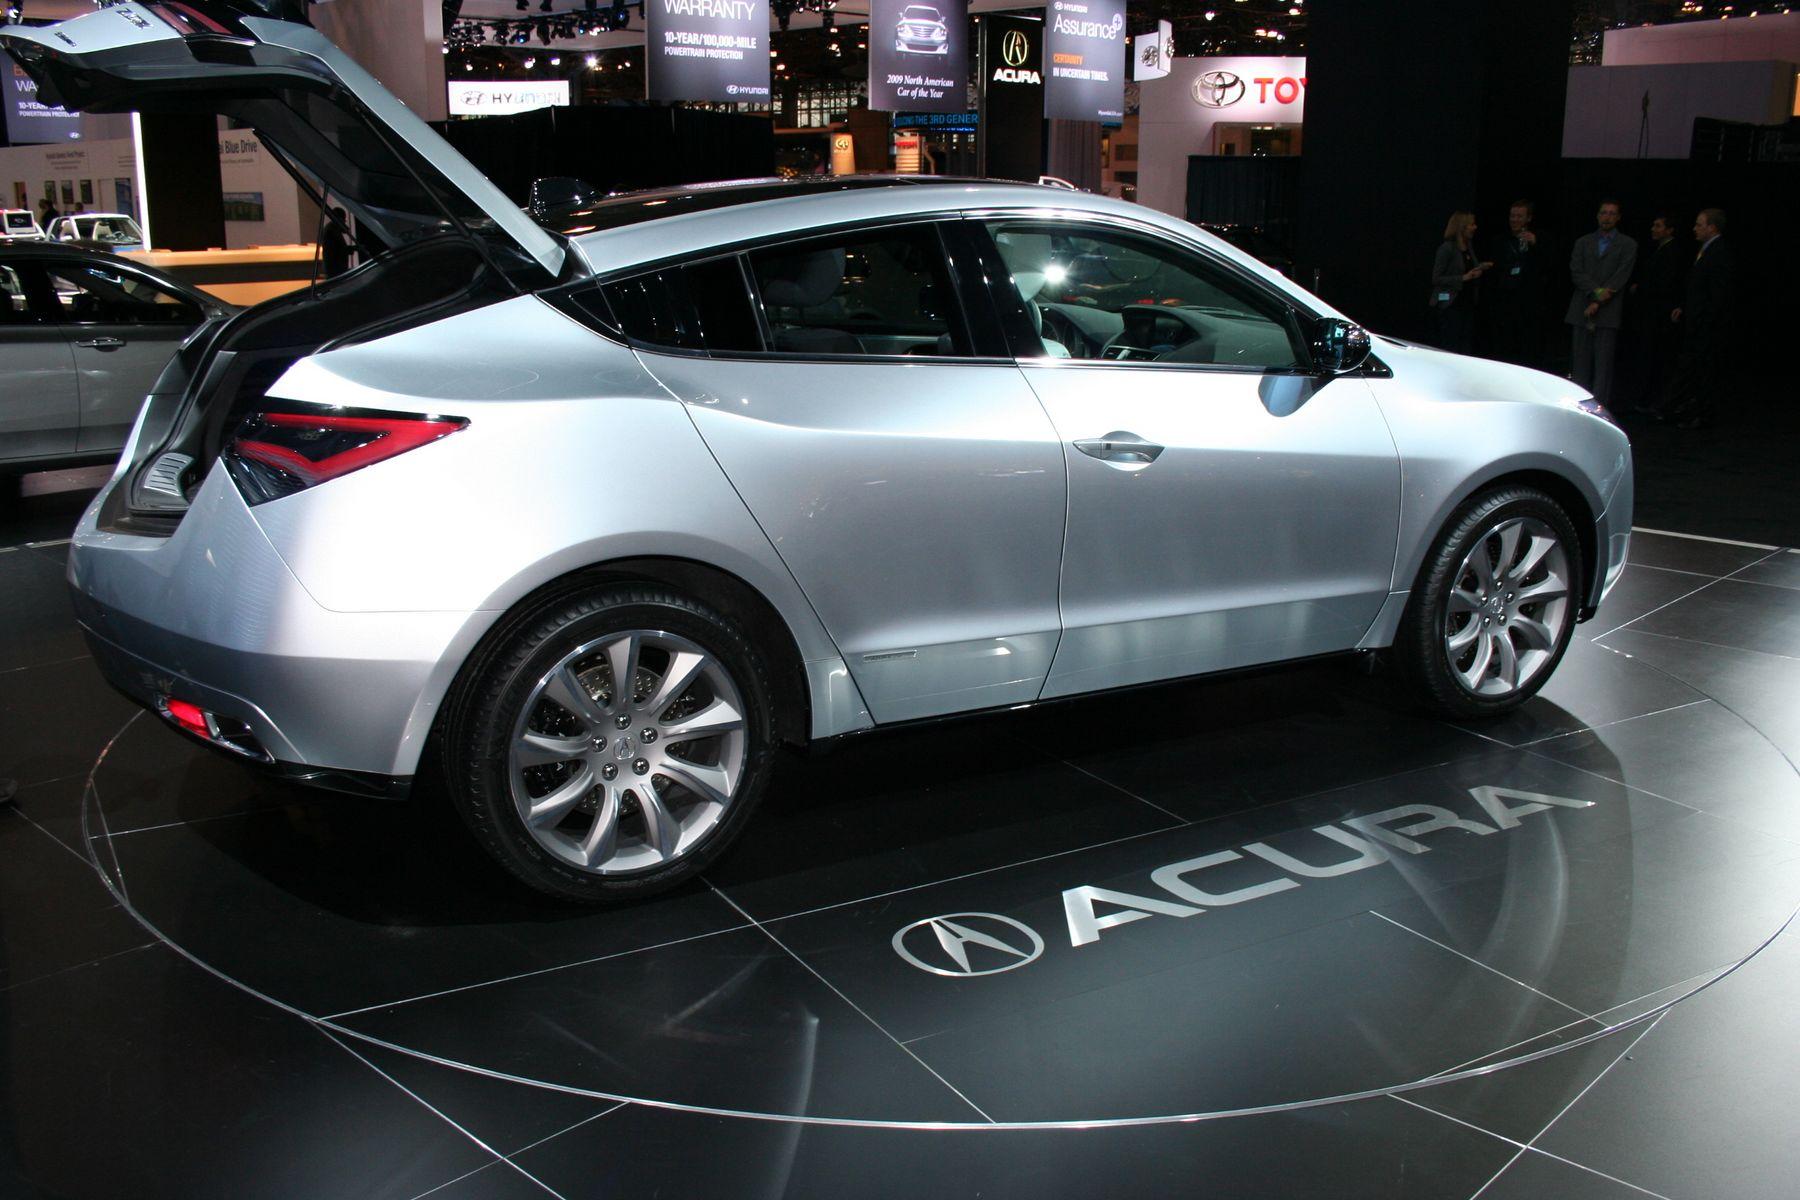 Acura ZDX 2009 Photo - 1